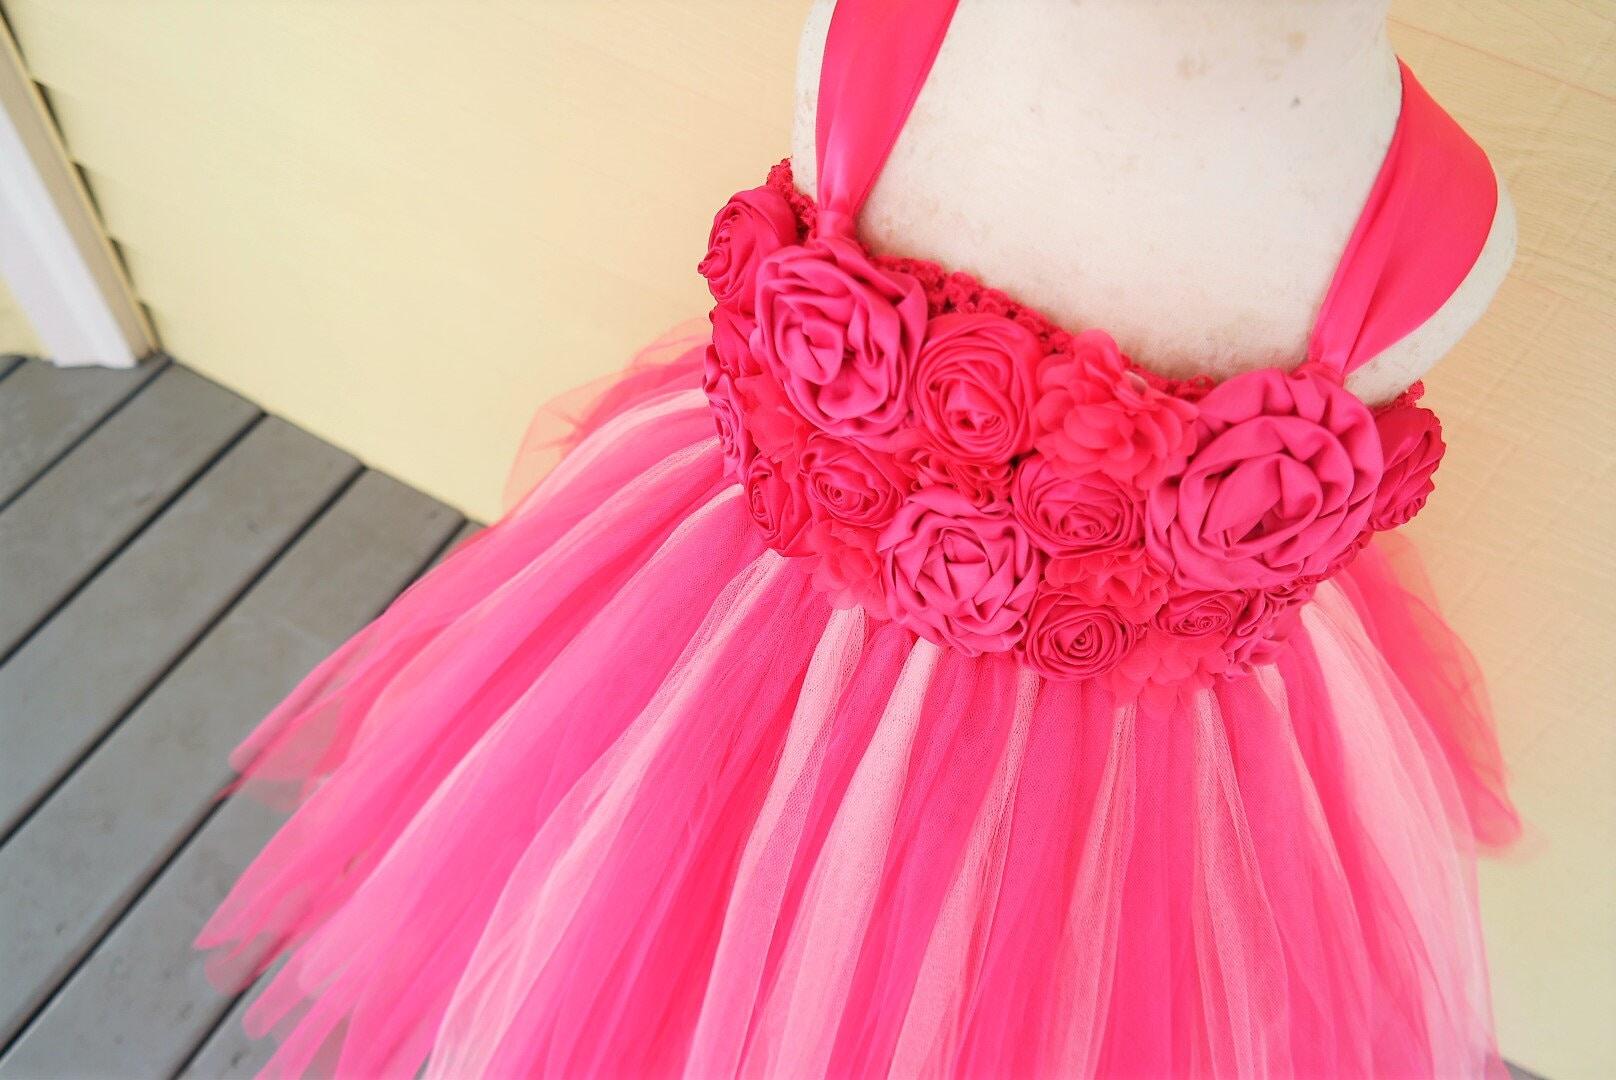 d286585397 Girls pink dress  Girl s Fancy pink dress  Pink flower girl Dress  Hot Pink  dress  Girl s Pink Birthday dress